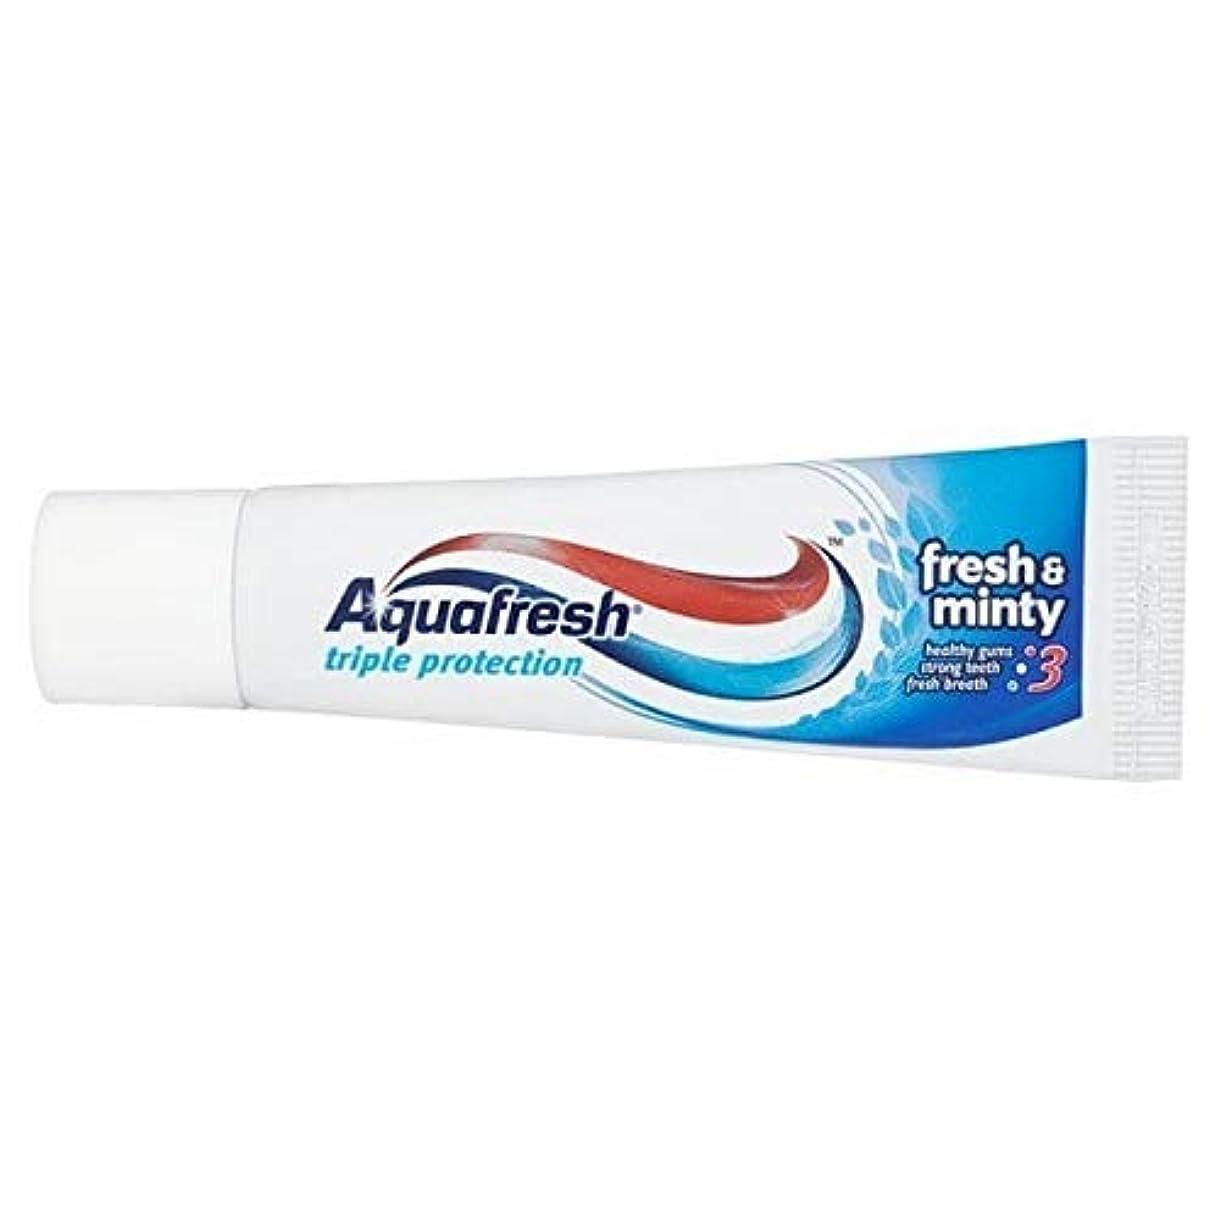 くぼみまばたき血まみれの[Aquafresh ] アクアフレッシュフレッシュ&ミントフッ化物歯磨き粉20ミリリットル - Aquafresh Fresh & Minty Fluoride Toothpaste 20ml [並行輸入品]